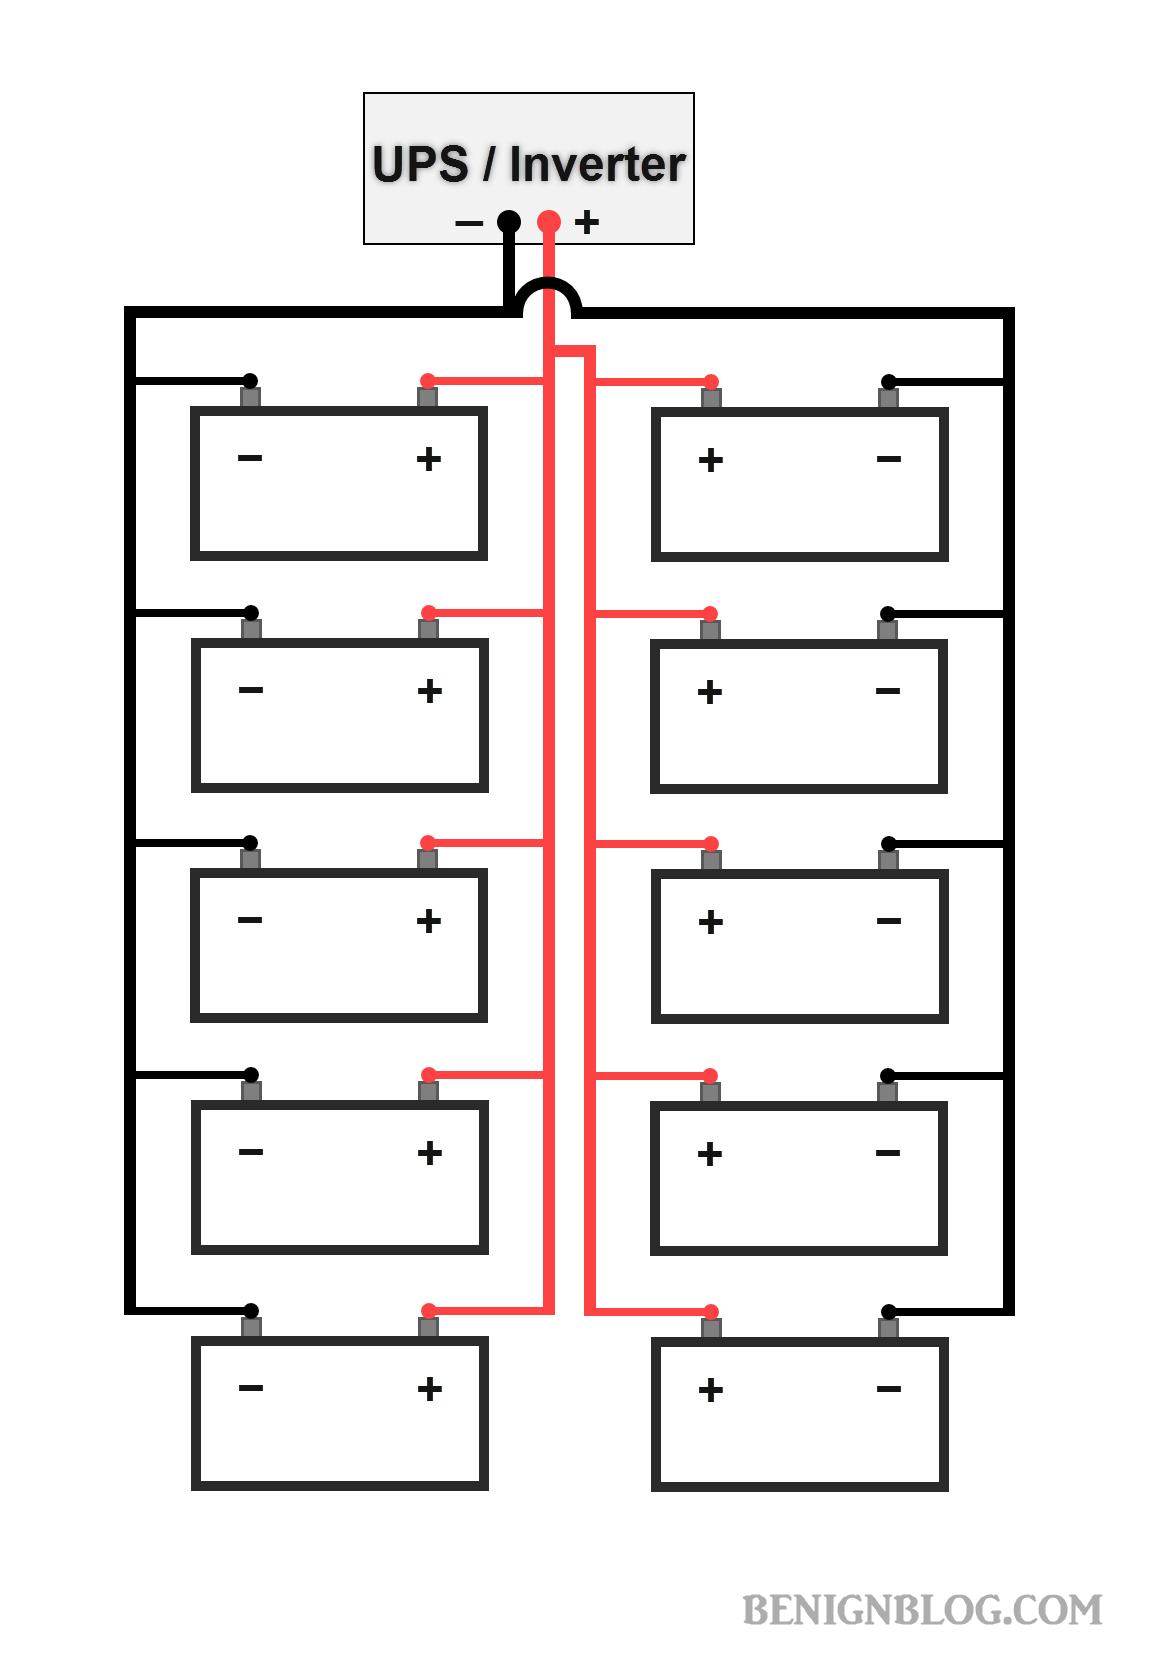 [TVPR_3874]  D1CA Apc Smart Ups 1500 Battery Wiring Diagram - Trusted Wiring Diagrams |  Wiring Library | Apc Wiring Battery Diagram |  | Wiring Library